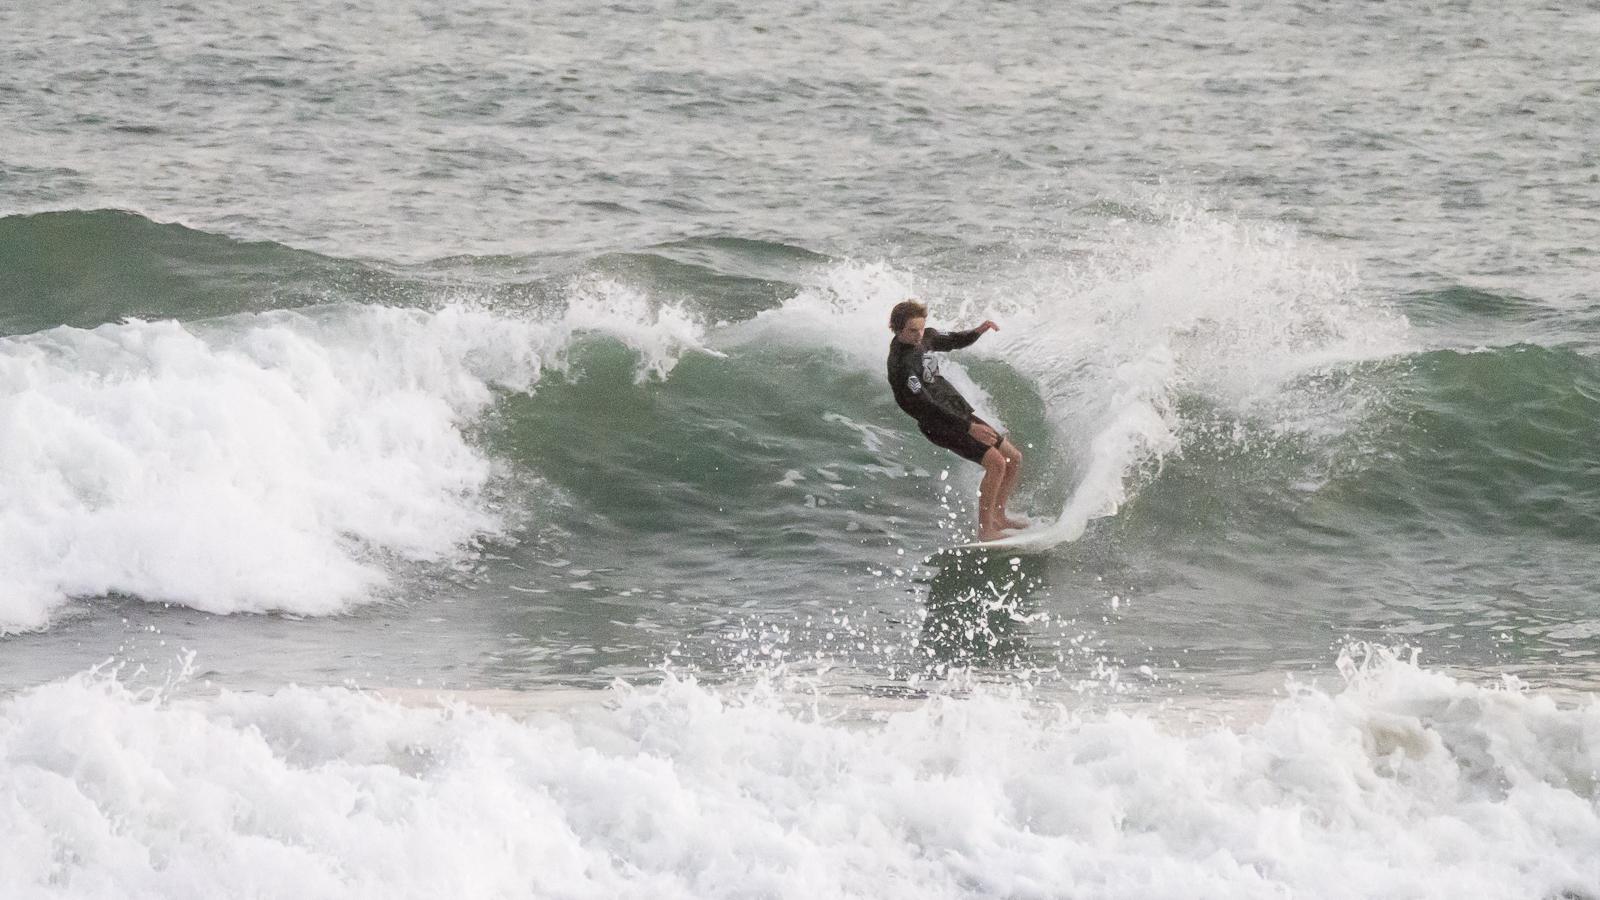 レイリー・ストーン。カリフォルニア在住サンタクルーズの15才。スタイリッシュなサーフィンを披露。